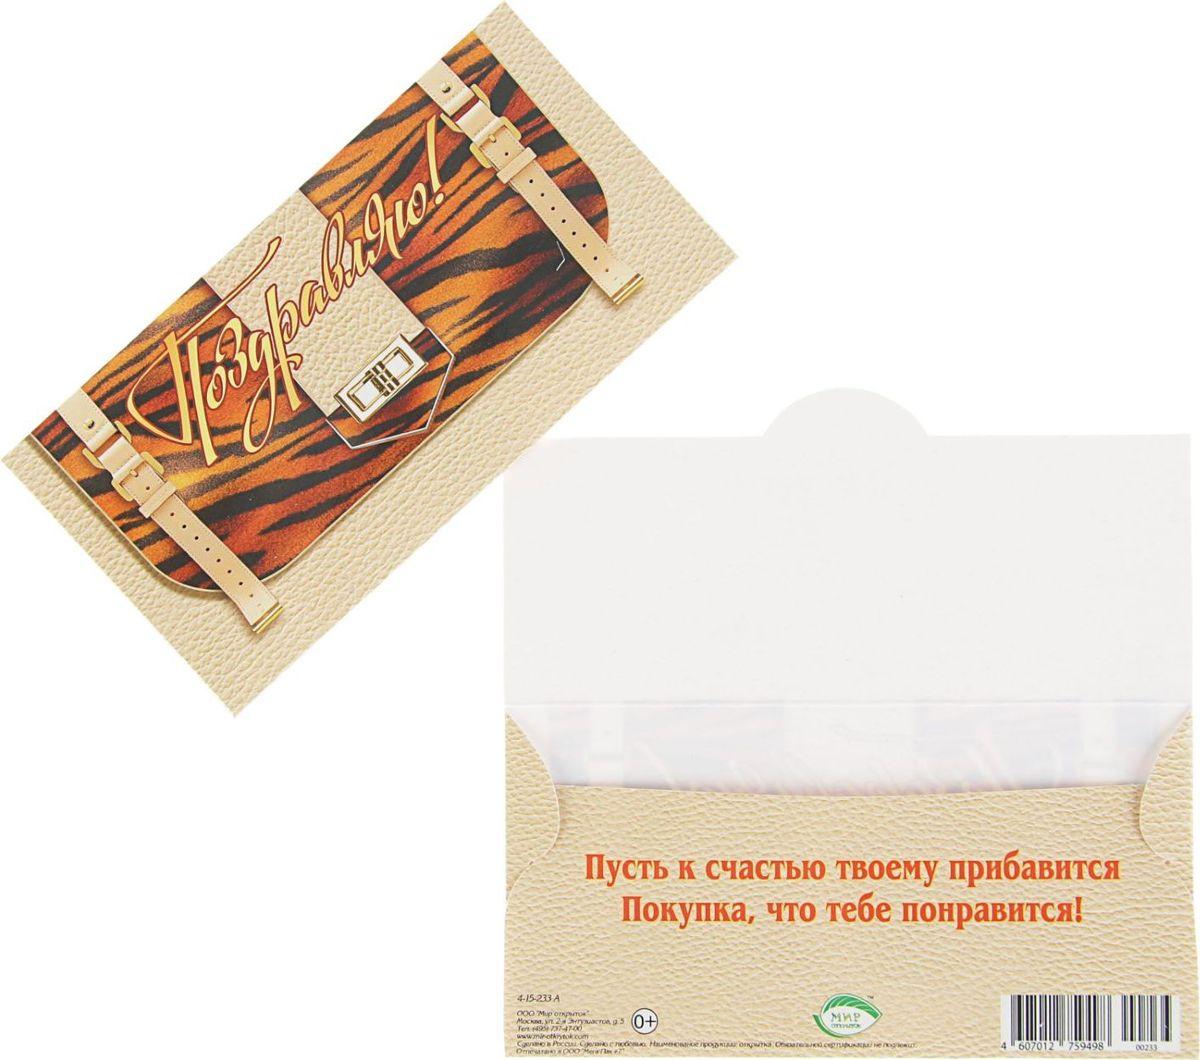 Конверт для денег Мир открыток Поздравляю! Сумочка, 16,4 х 8,4 см2539264Всем известно, что хороший подарок - это полезный подарок. А деньги уж точно не будут пылиться в дальнем углу шкафа. Их можно преподнести на любое торжество. Подберите для своего подарка оригинальный конверт и скорее дарите близким радость!Изделие изготовлено из плотного картона, поэтому вы можете не беспокоиться за целостность его содержимого.